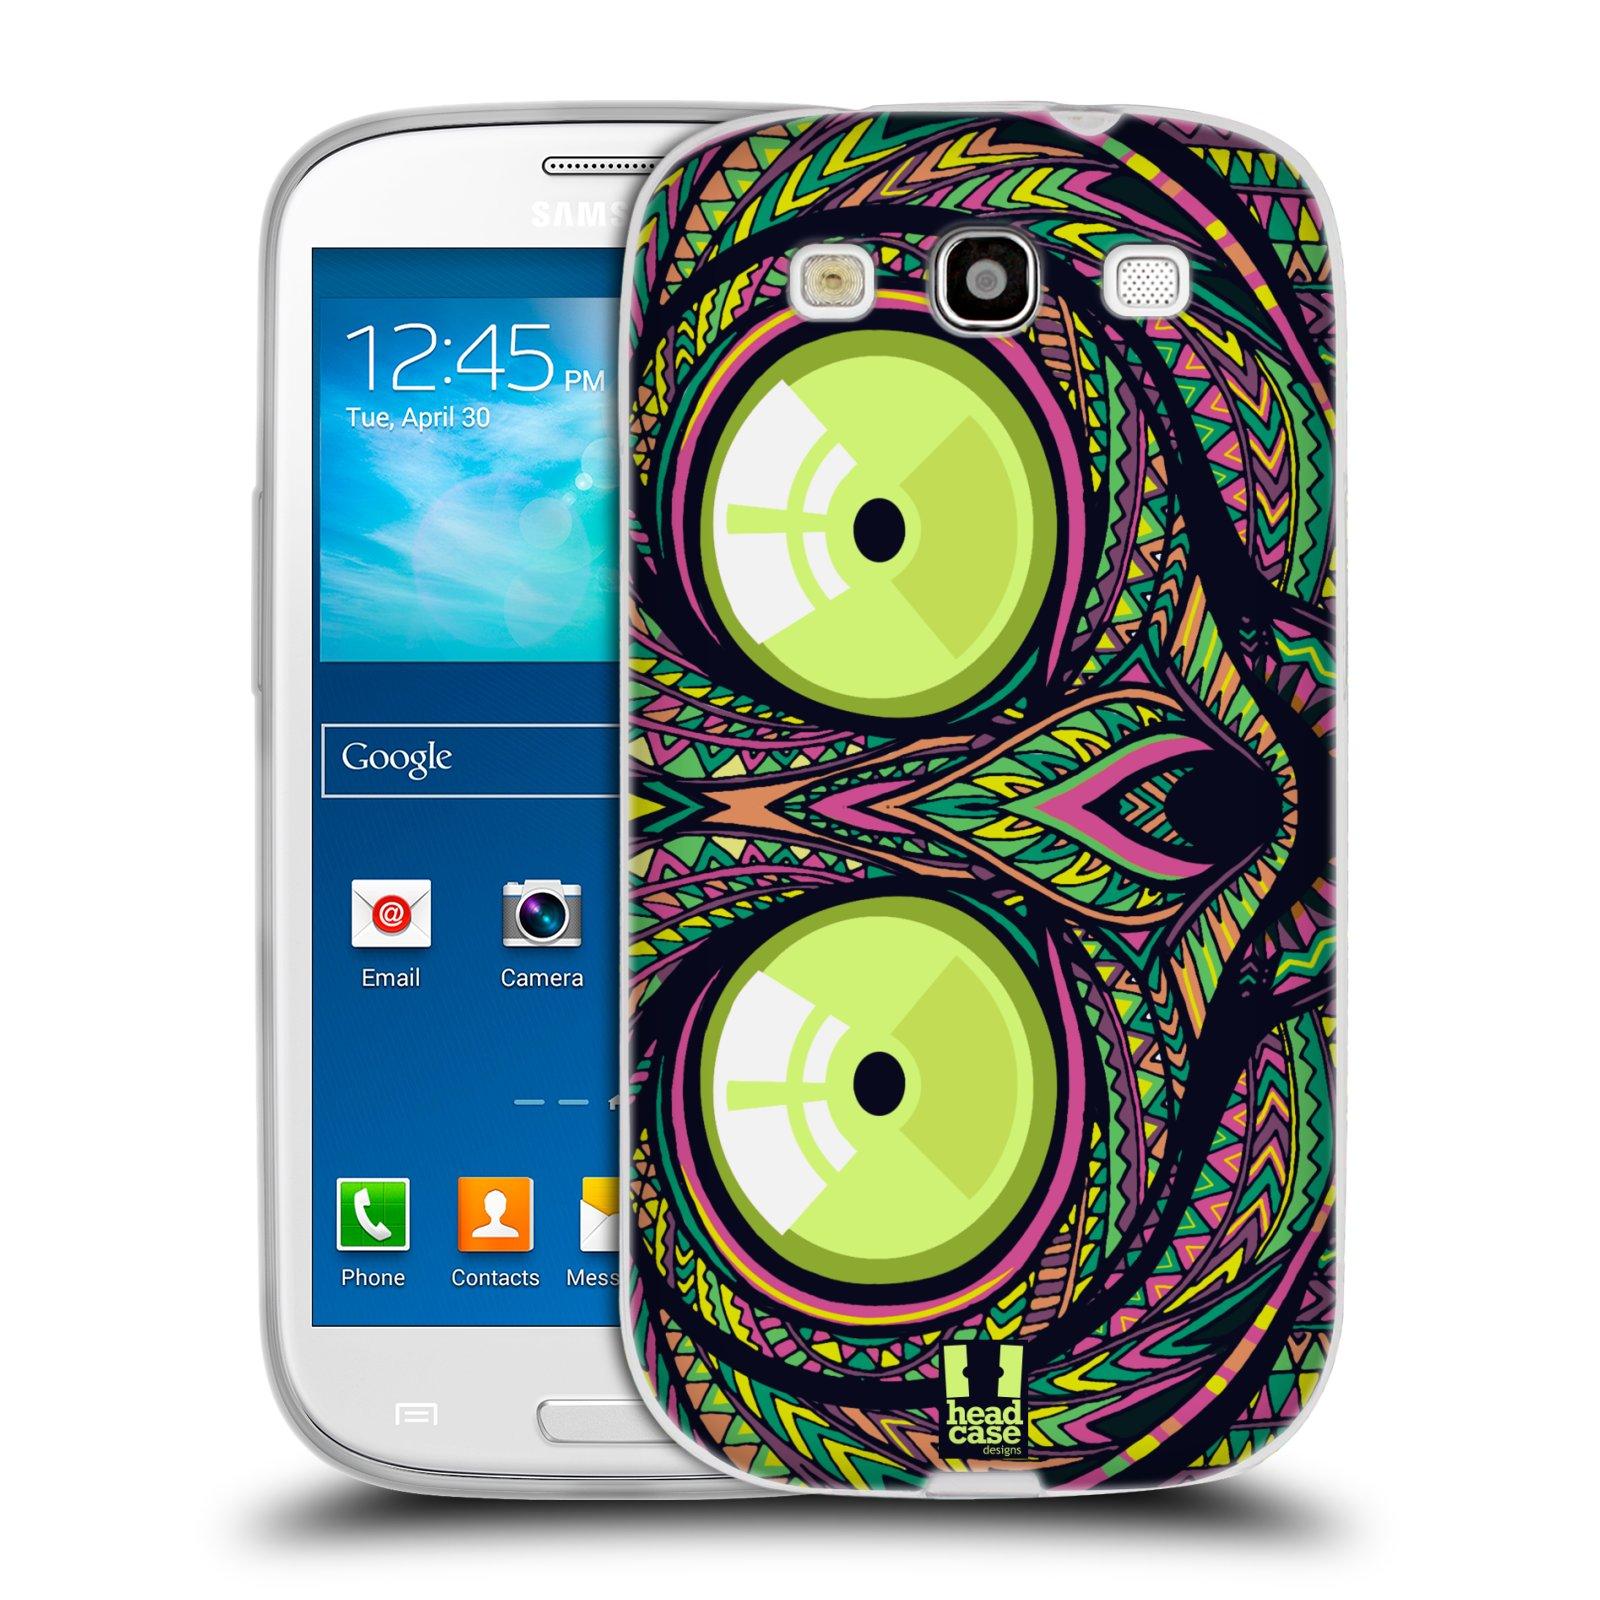 Silikonové pouzdro na mobil Samsung Galaxy S3 Neo HEAD CASE AZTEC NÁRTOUN (Silikonový kryt či obal na mobilní telefon Samsung Galaxy S3 Neo GT-i9301i)